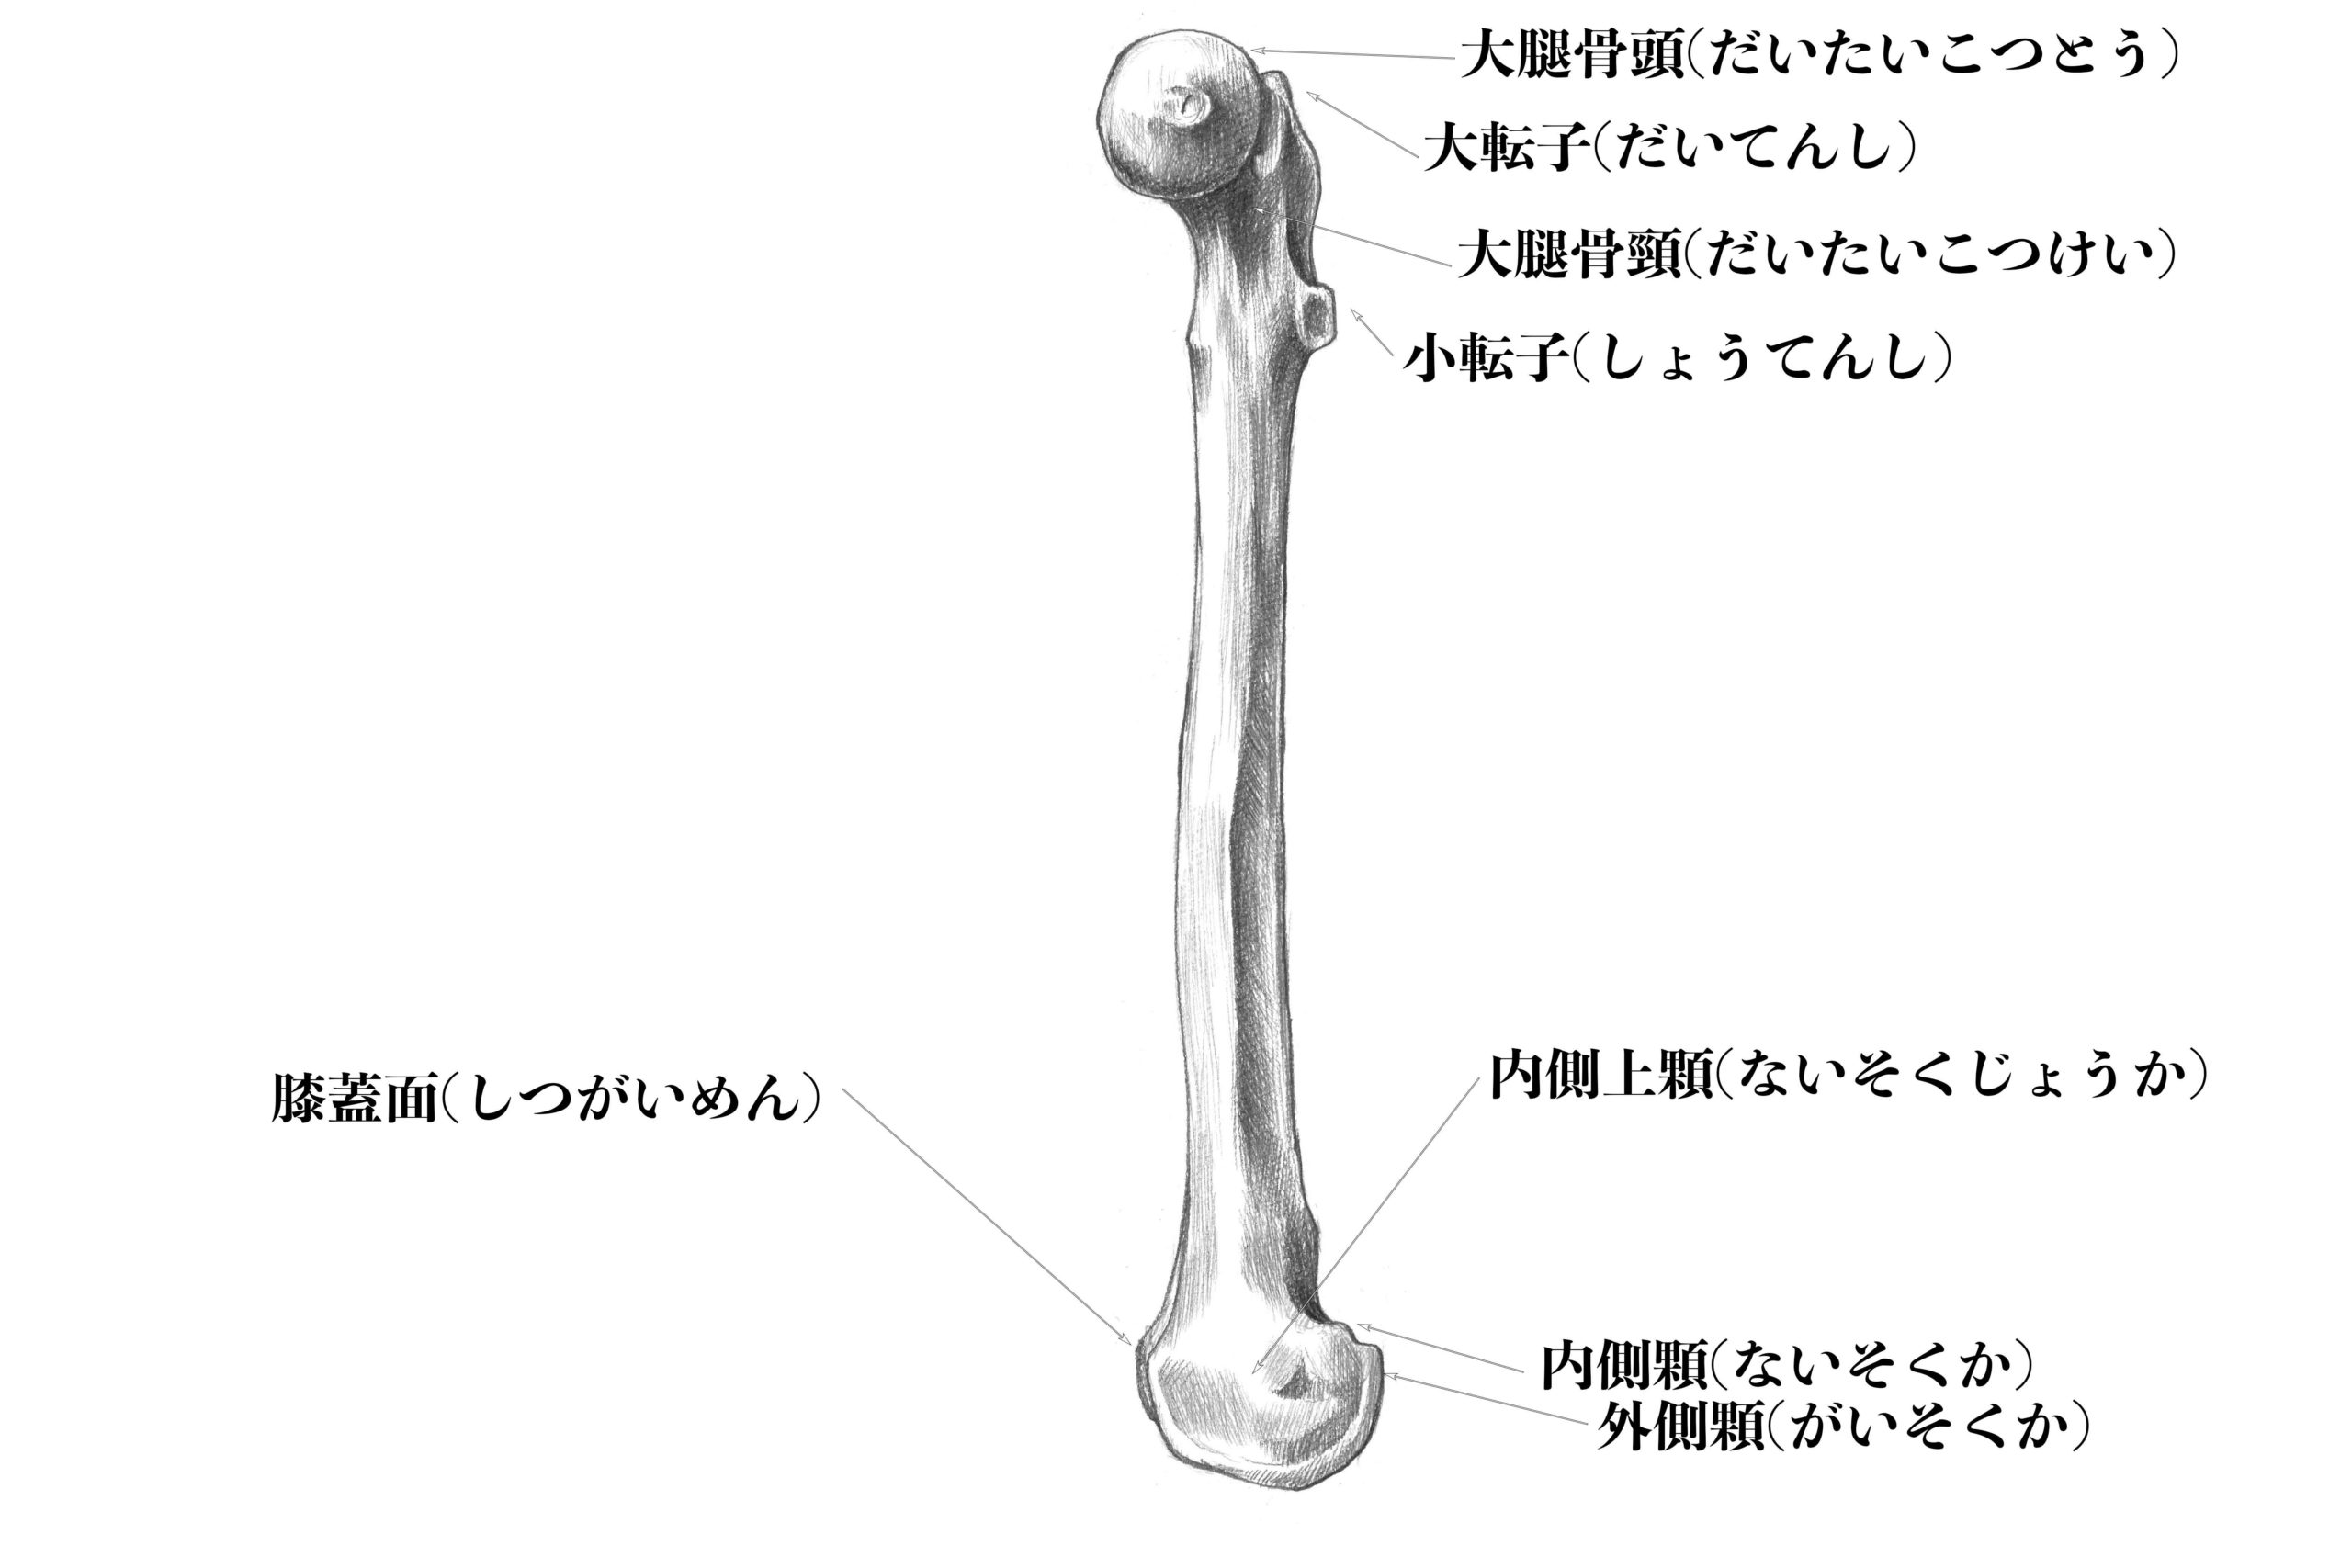 大腿骨(内側)のスケッチ